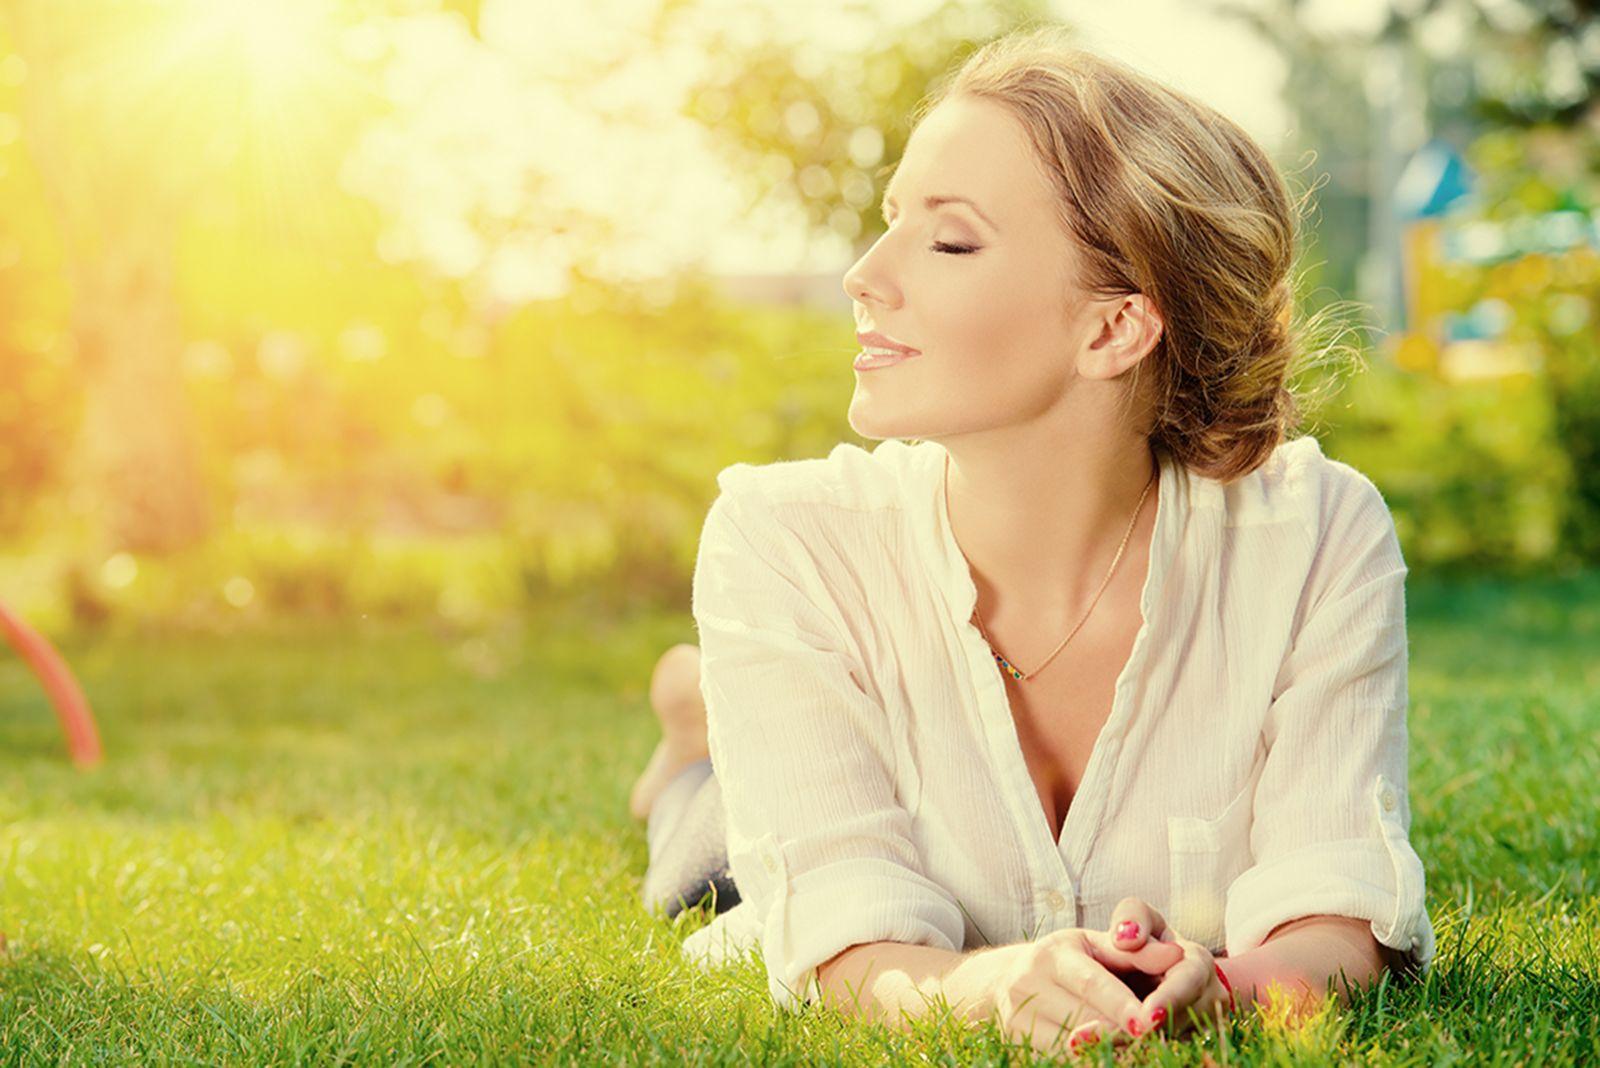 Không chỉ dưỡng da mềm mịn, Vitoria Secret còn giúp cơ thể bạn thơm như nước hoa